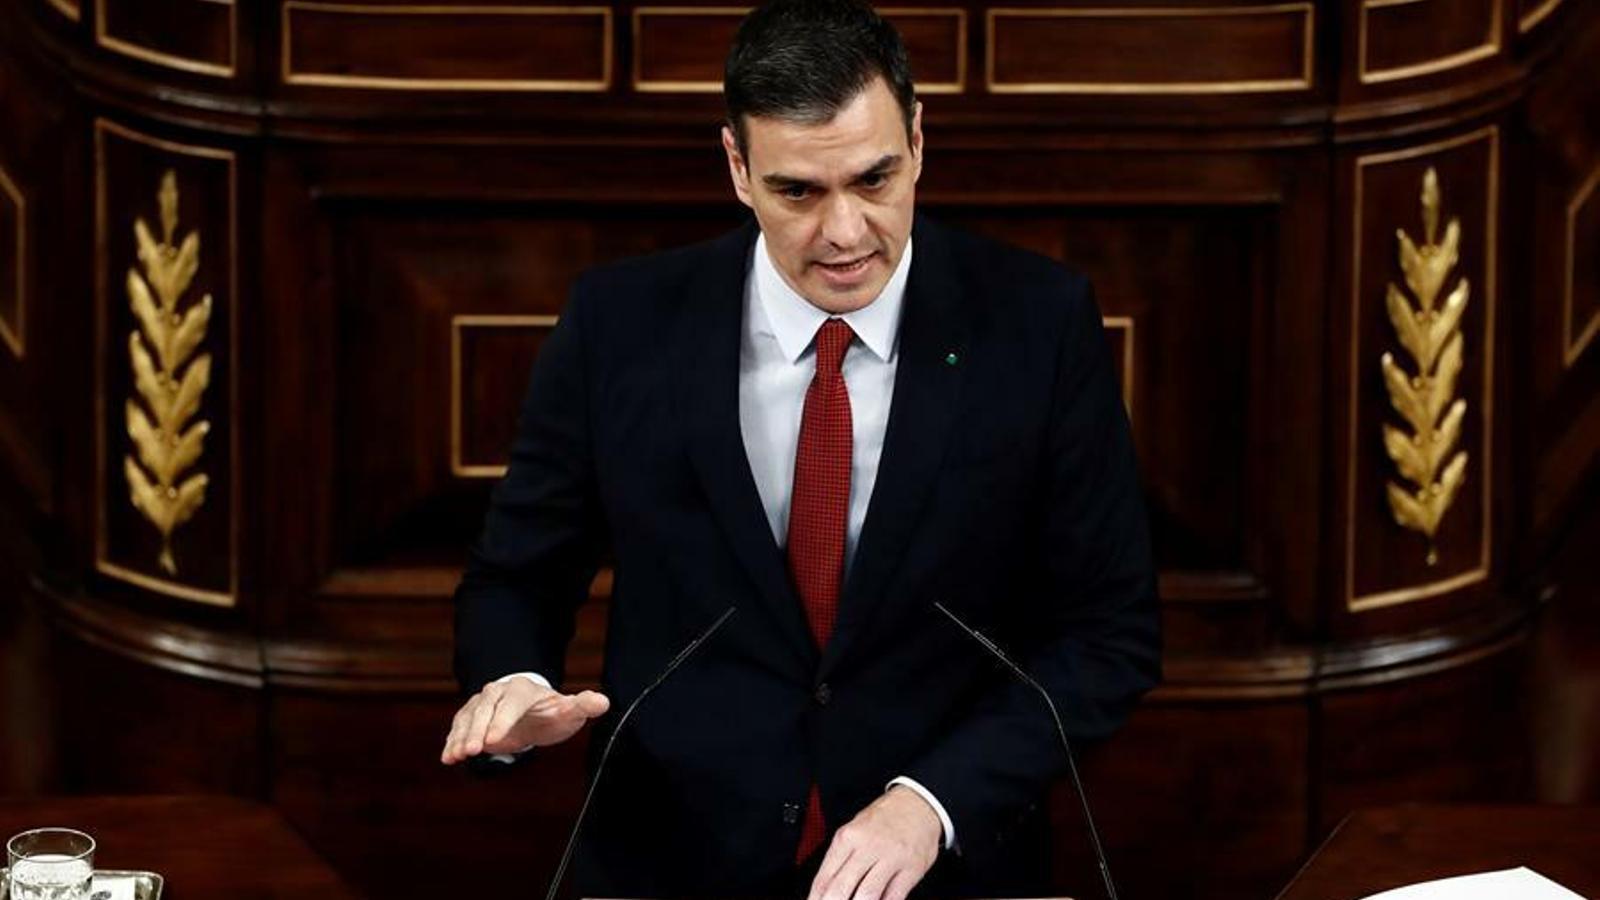 El president del govern espanyol, Pedro Sánchez, en compareixença al Congrés